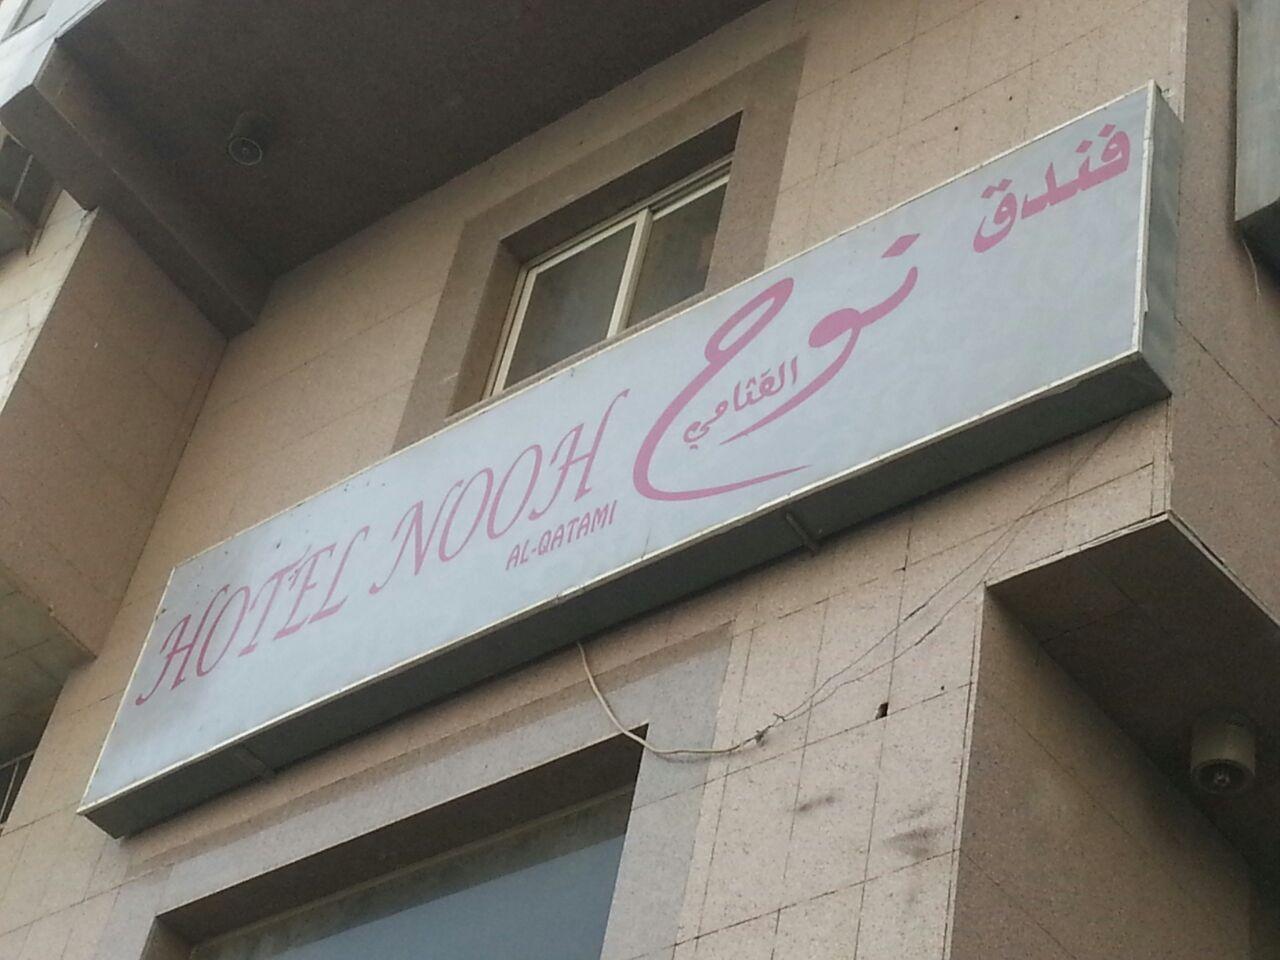 Al-Ghali-Hotel